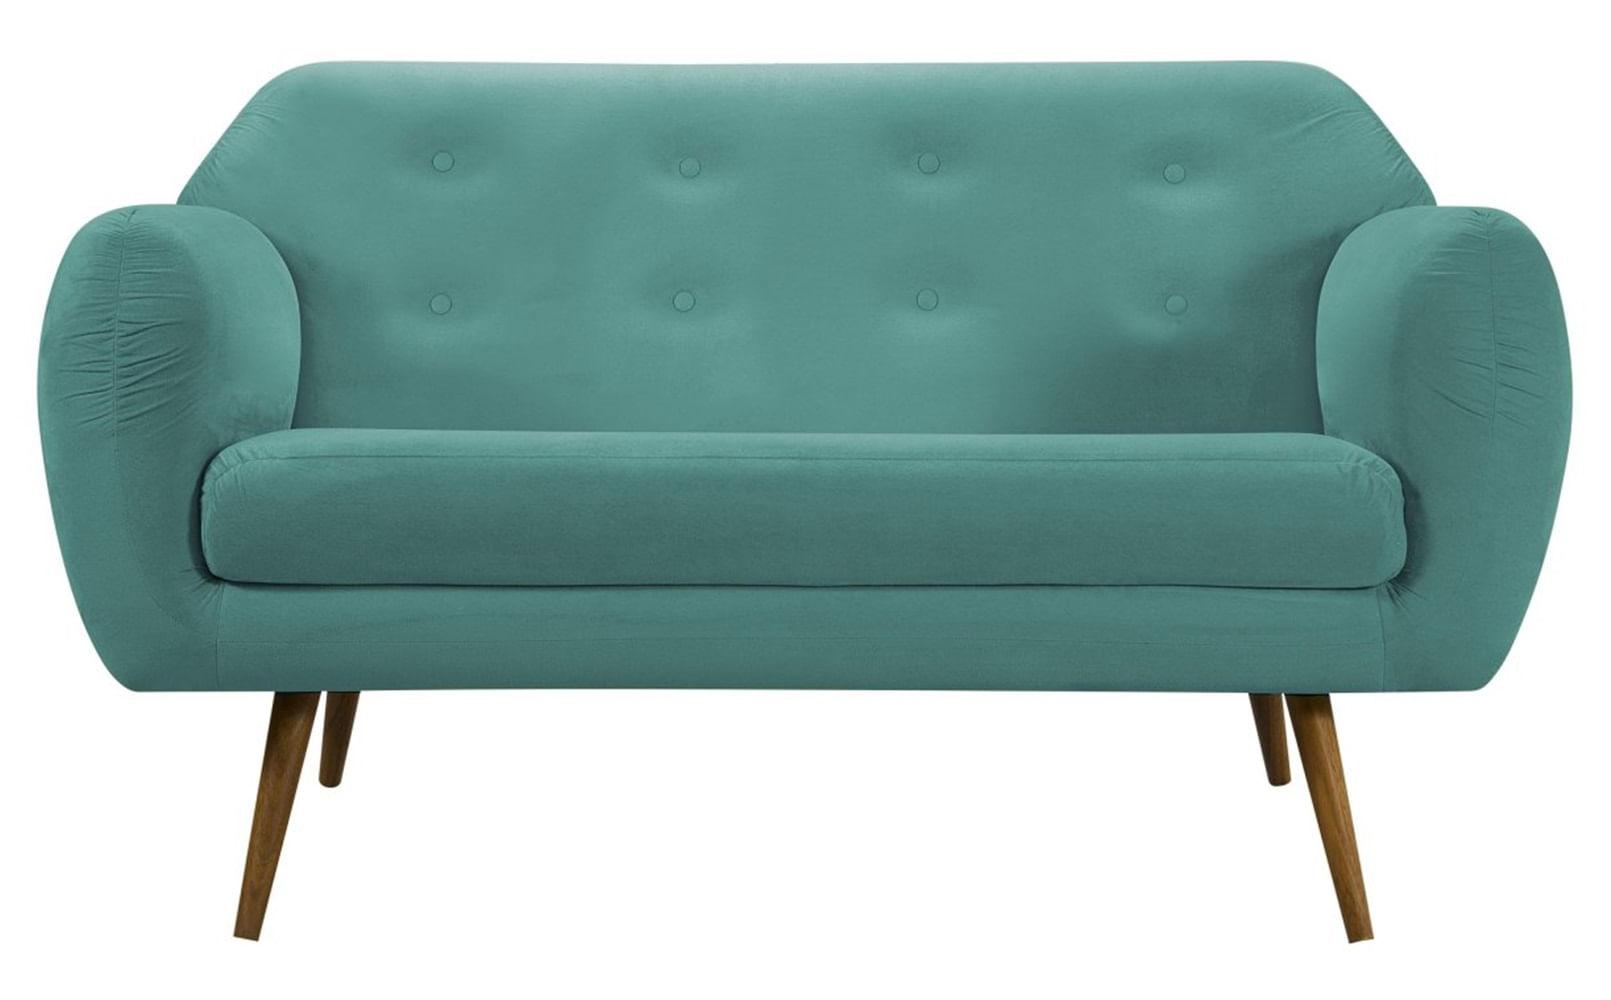 Sofa Liverpool Verde Base Palito Castanho 2 Lugares - 50256